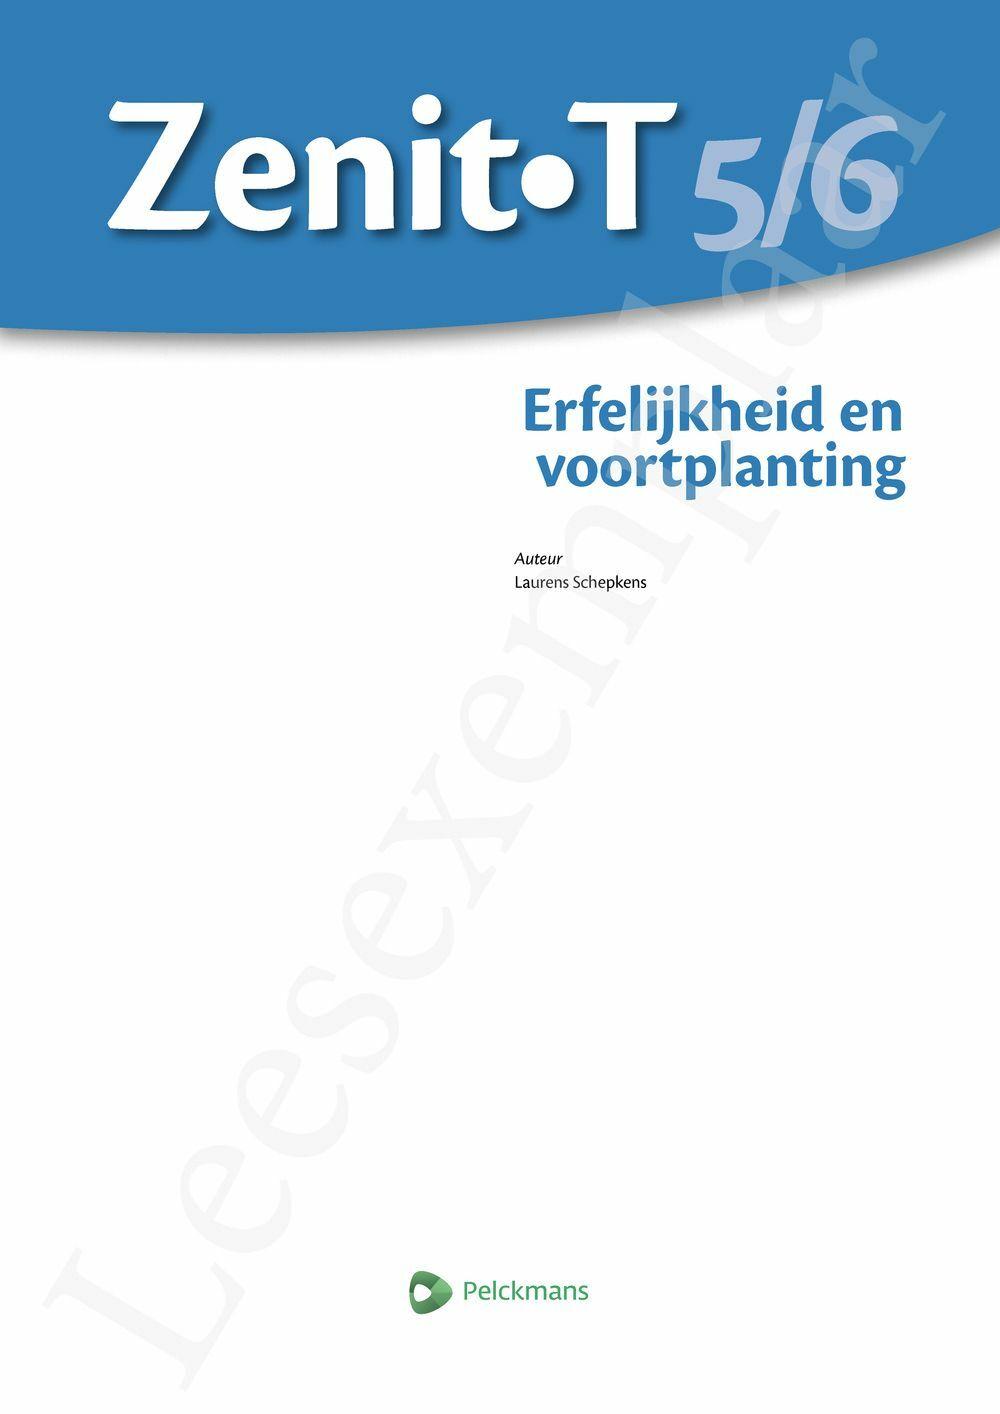 Preview: Zenit T5/6 Erfelijkheid en voortplanting tso-kso